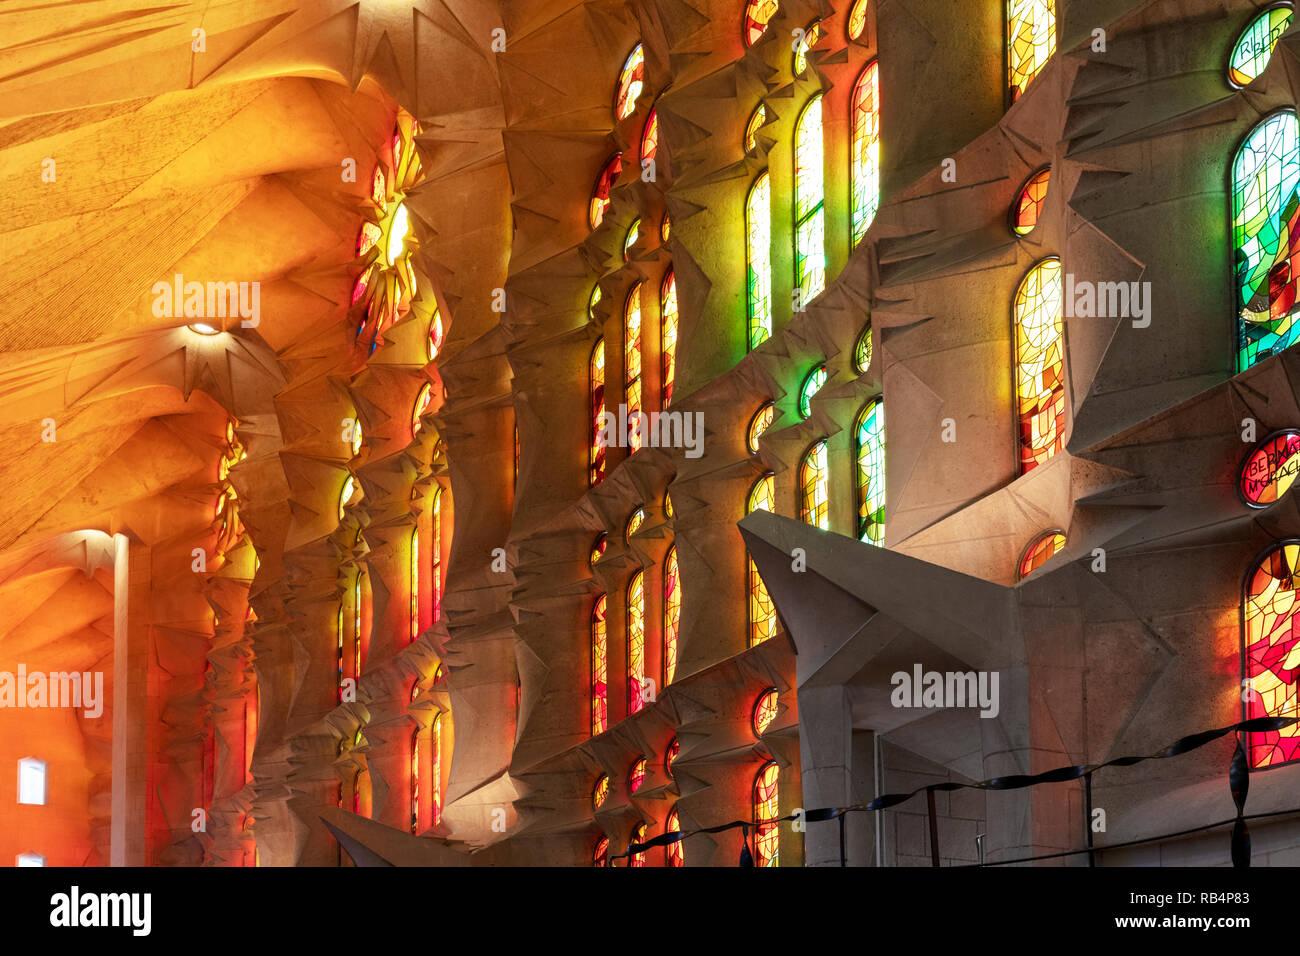 Bunte Fenster, Innenraum der Sagrada Familia,  von Architekt Antoni Gaudi, Barcelona, Katalonien, Spanien - Stock Image